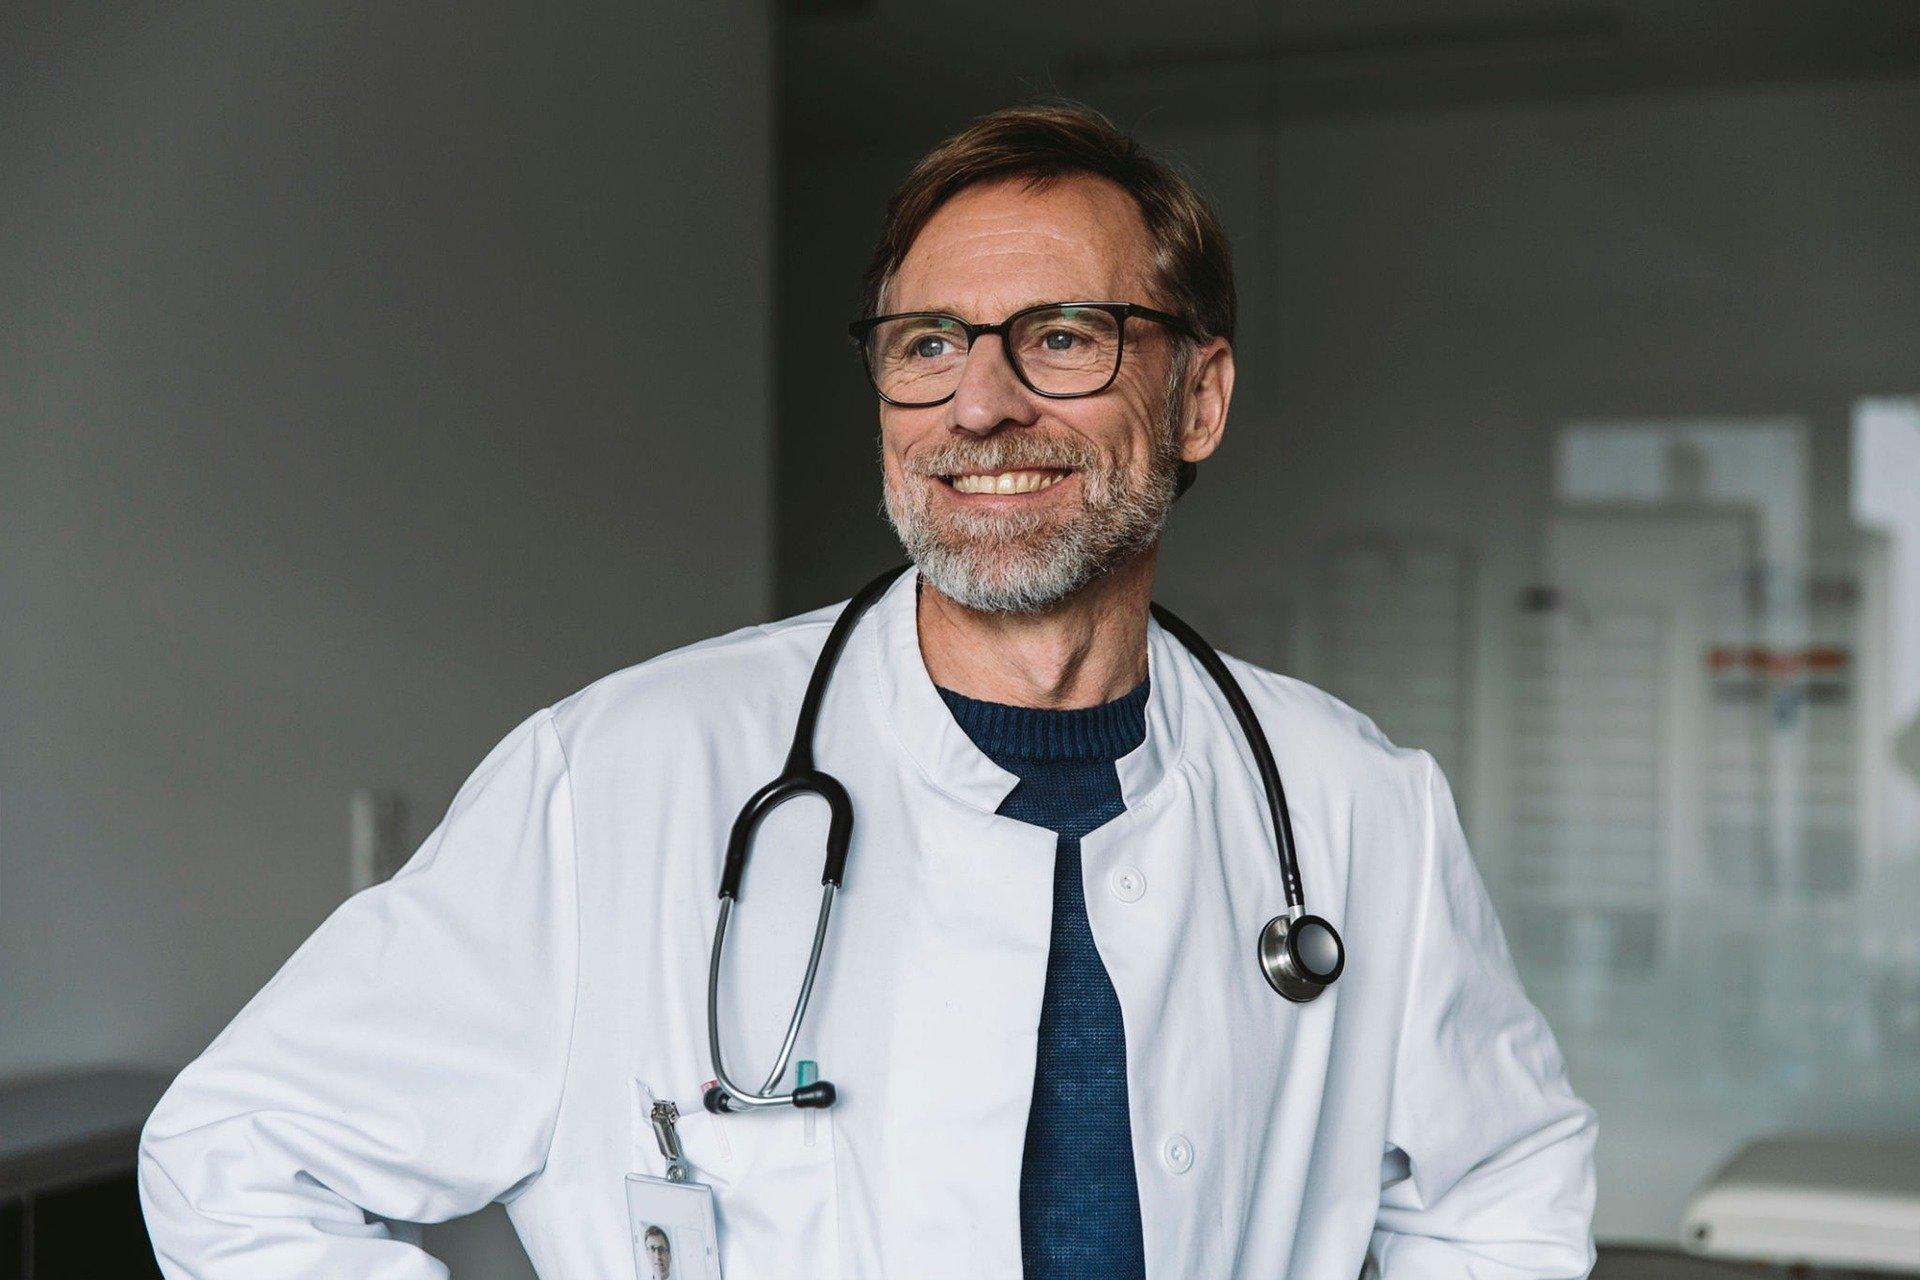 Endokrynolog - czym się zajmuje i jakie są sygnały, by się do niego zapisać?